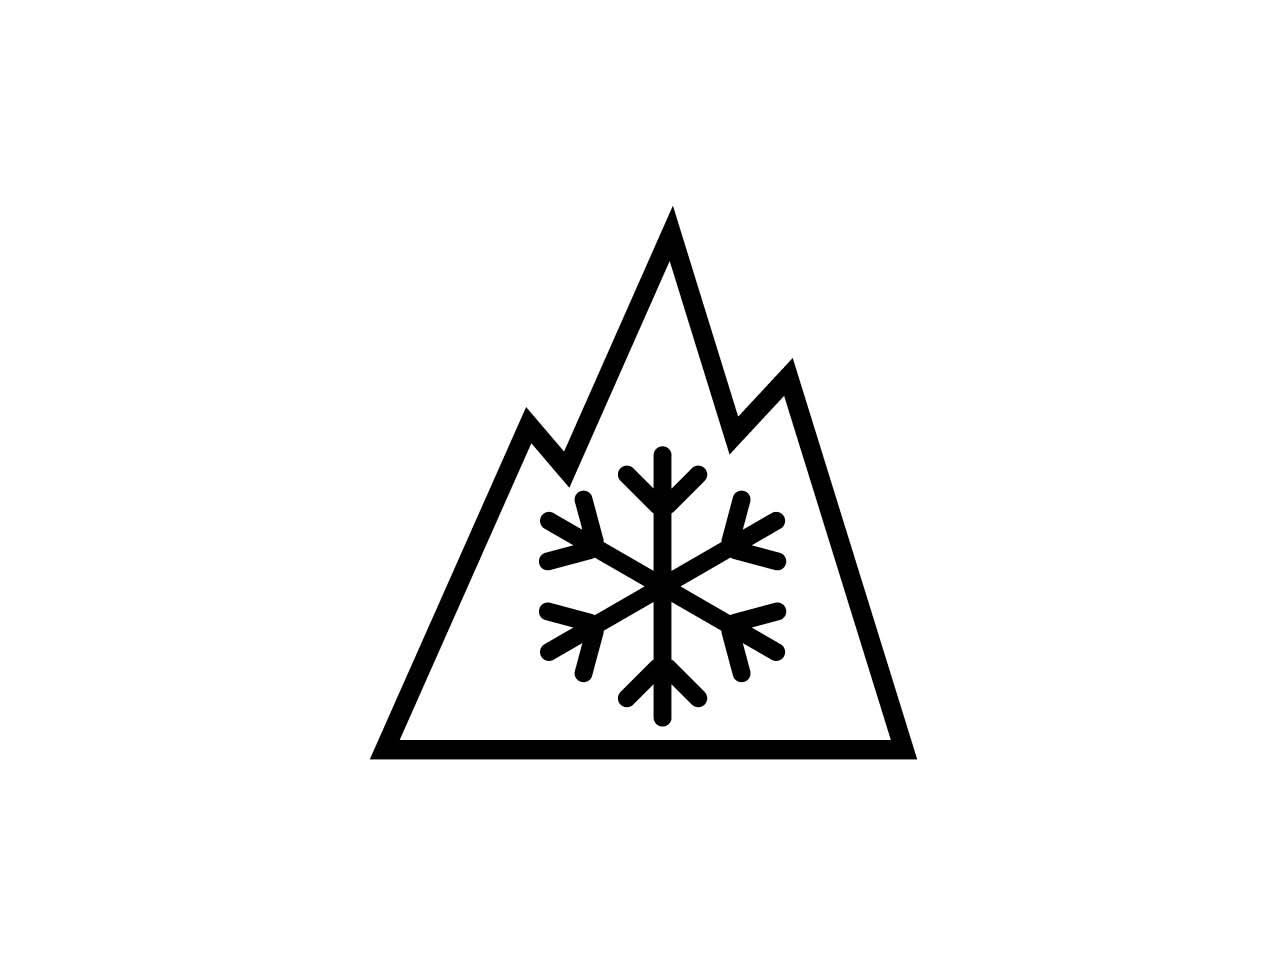 """Des Alpine-Symbol, Schneeflocke mit drei Bergspitzen, steht für """"echte"""" Winterreifen. Ab 2018 müssen alle Winterreifen dieses Symbol tragen."""